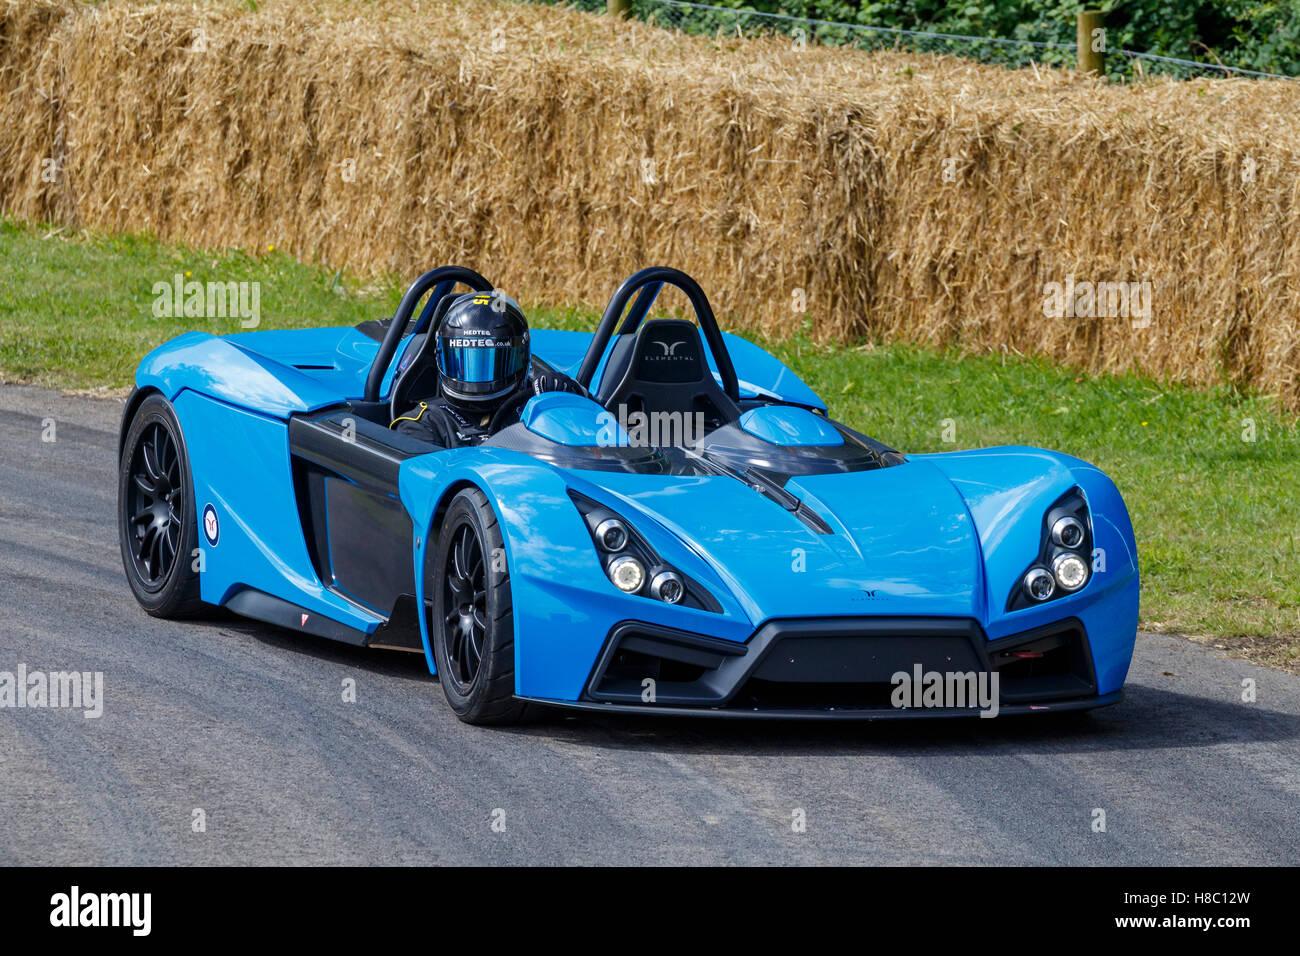 2016 RP1 Elemental Sports Car en el 2016 Festival de Velocidad de Goodwood, Sussex, Reino Unido. Imagen De Stock